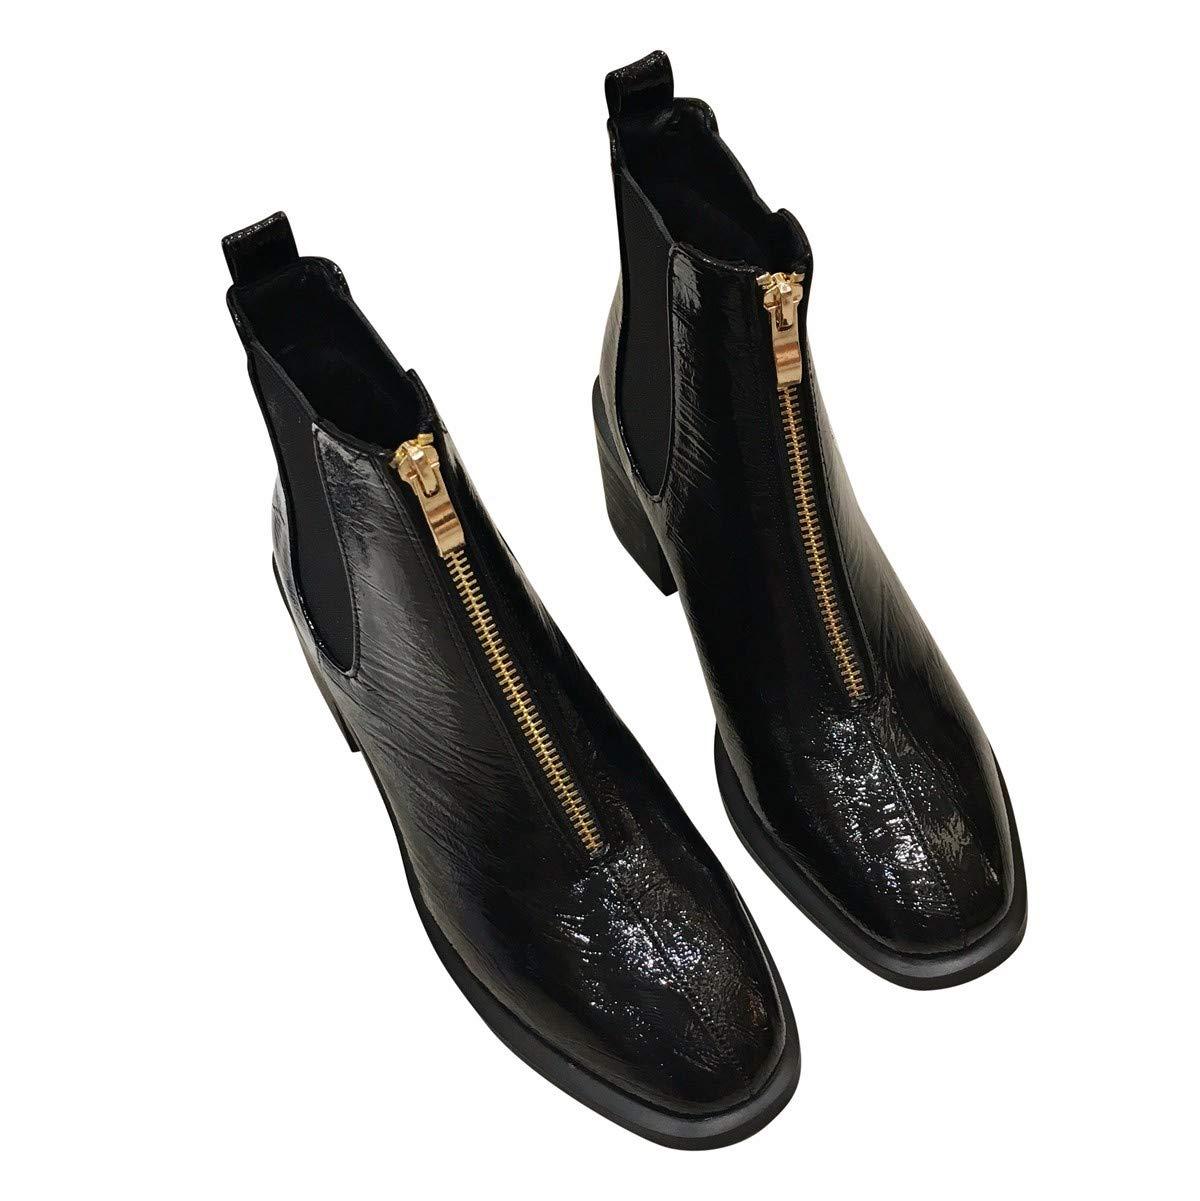 LBTSQ Fashion Damenschuhe Winter Stiefel Heel 4Cm 100 Sätze Helle Lack - Reißverschluss Dicke Sohle Samt Martin Stiefel